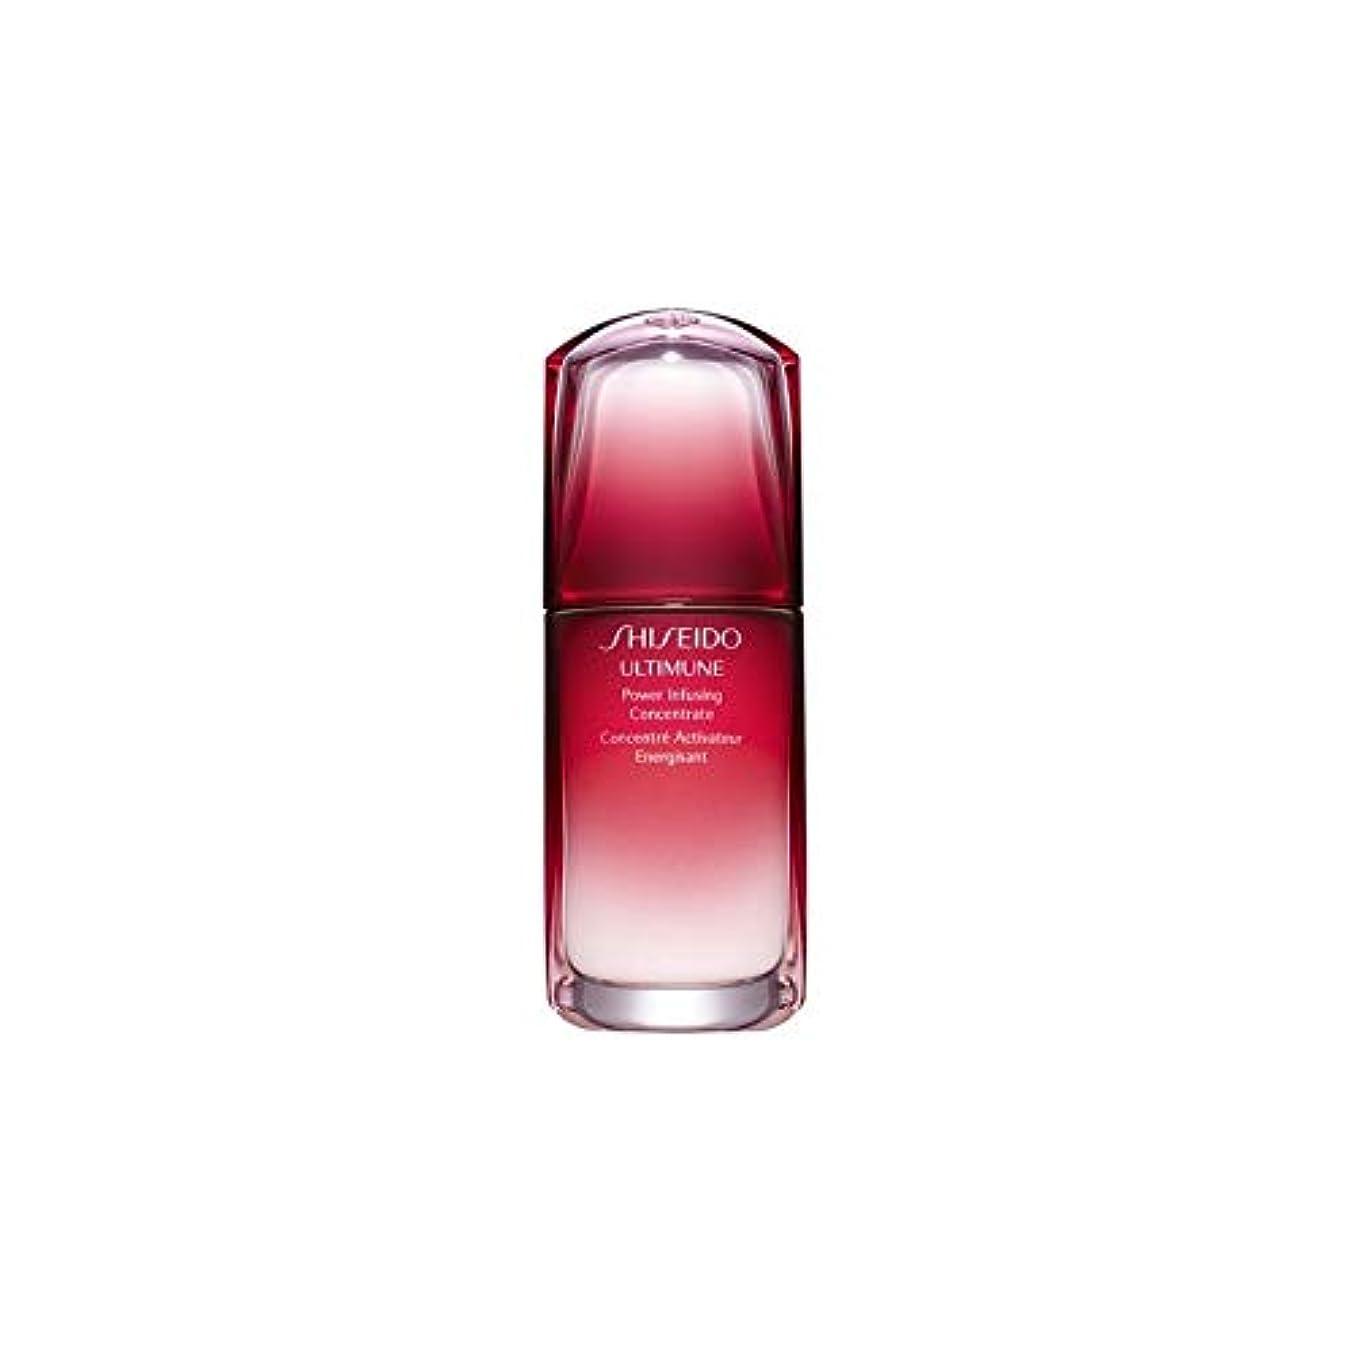 ゴミ箱を空にするただやる原子炉[Shiseido ] 濃縮液を注入資生堂Ultimune電力(50ミリリットル) - Shiseido Ultimune Power Infusing Concentrate (50ml) [並行輸入品]